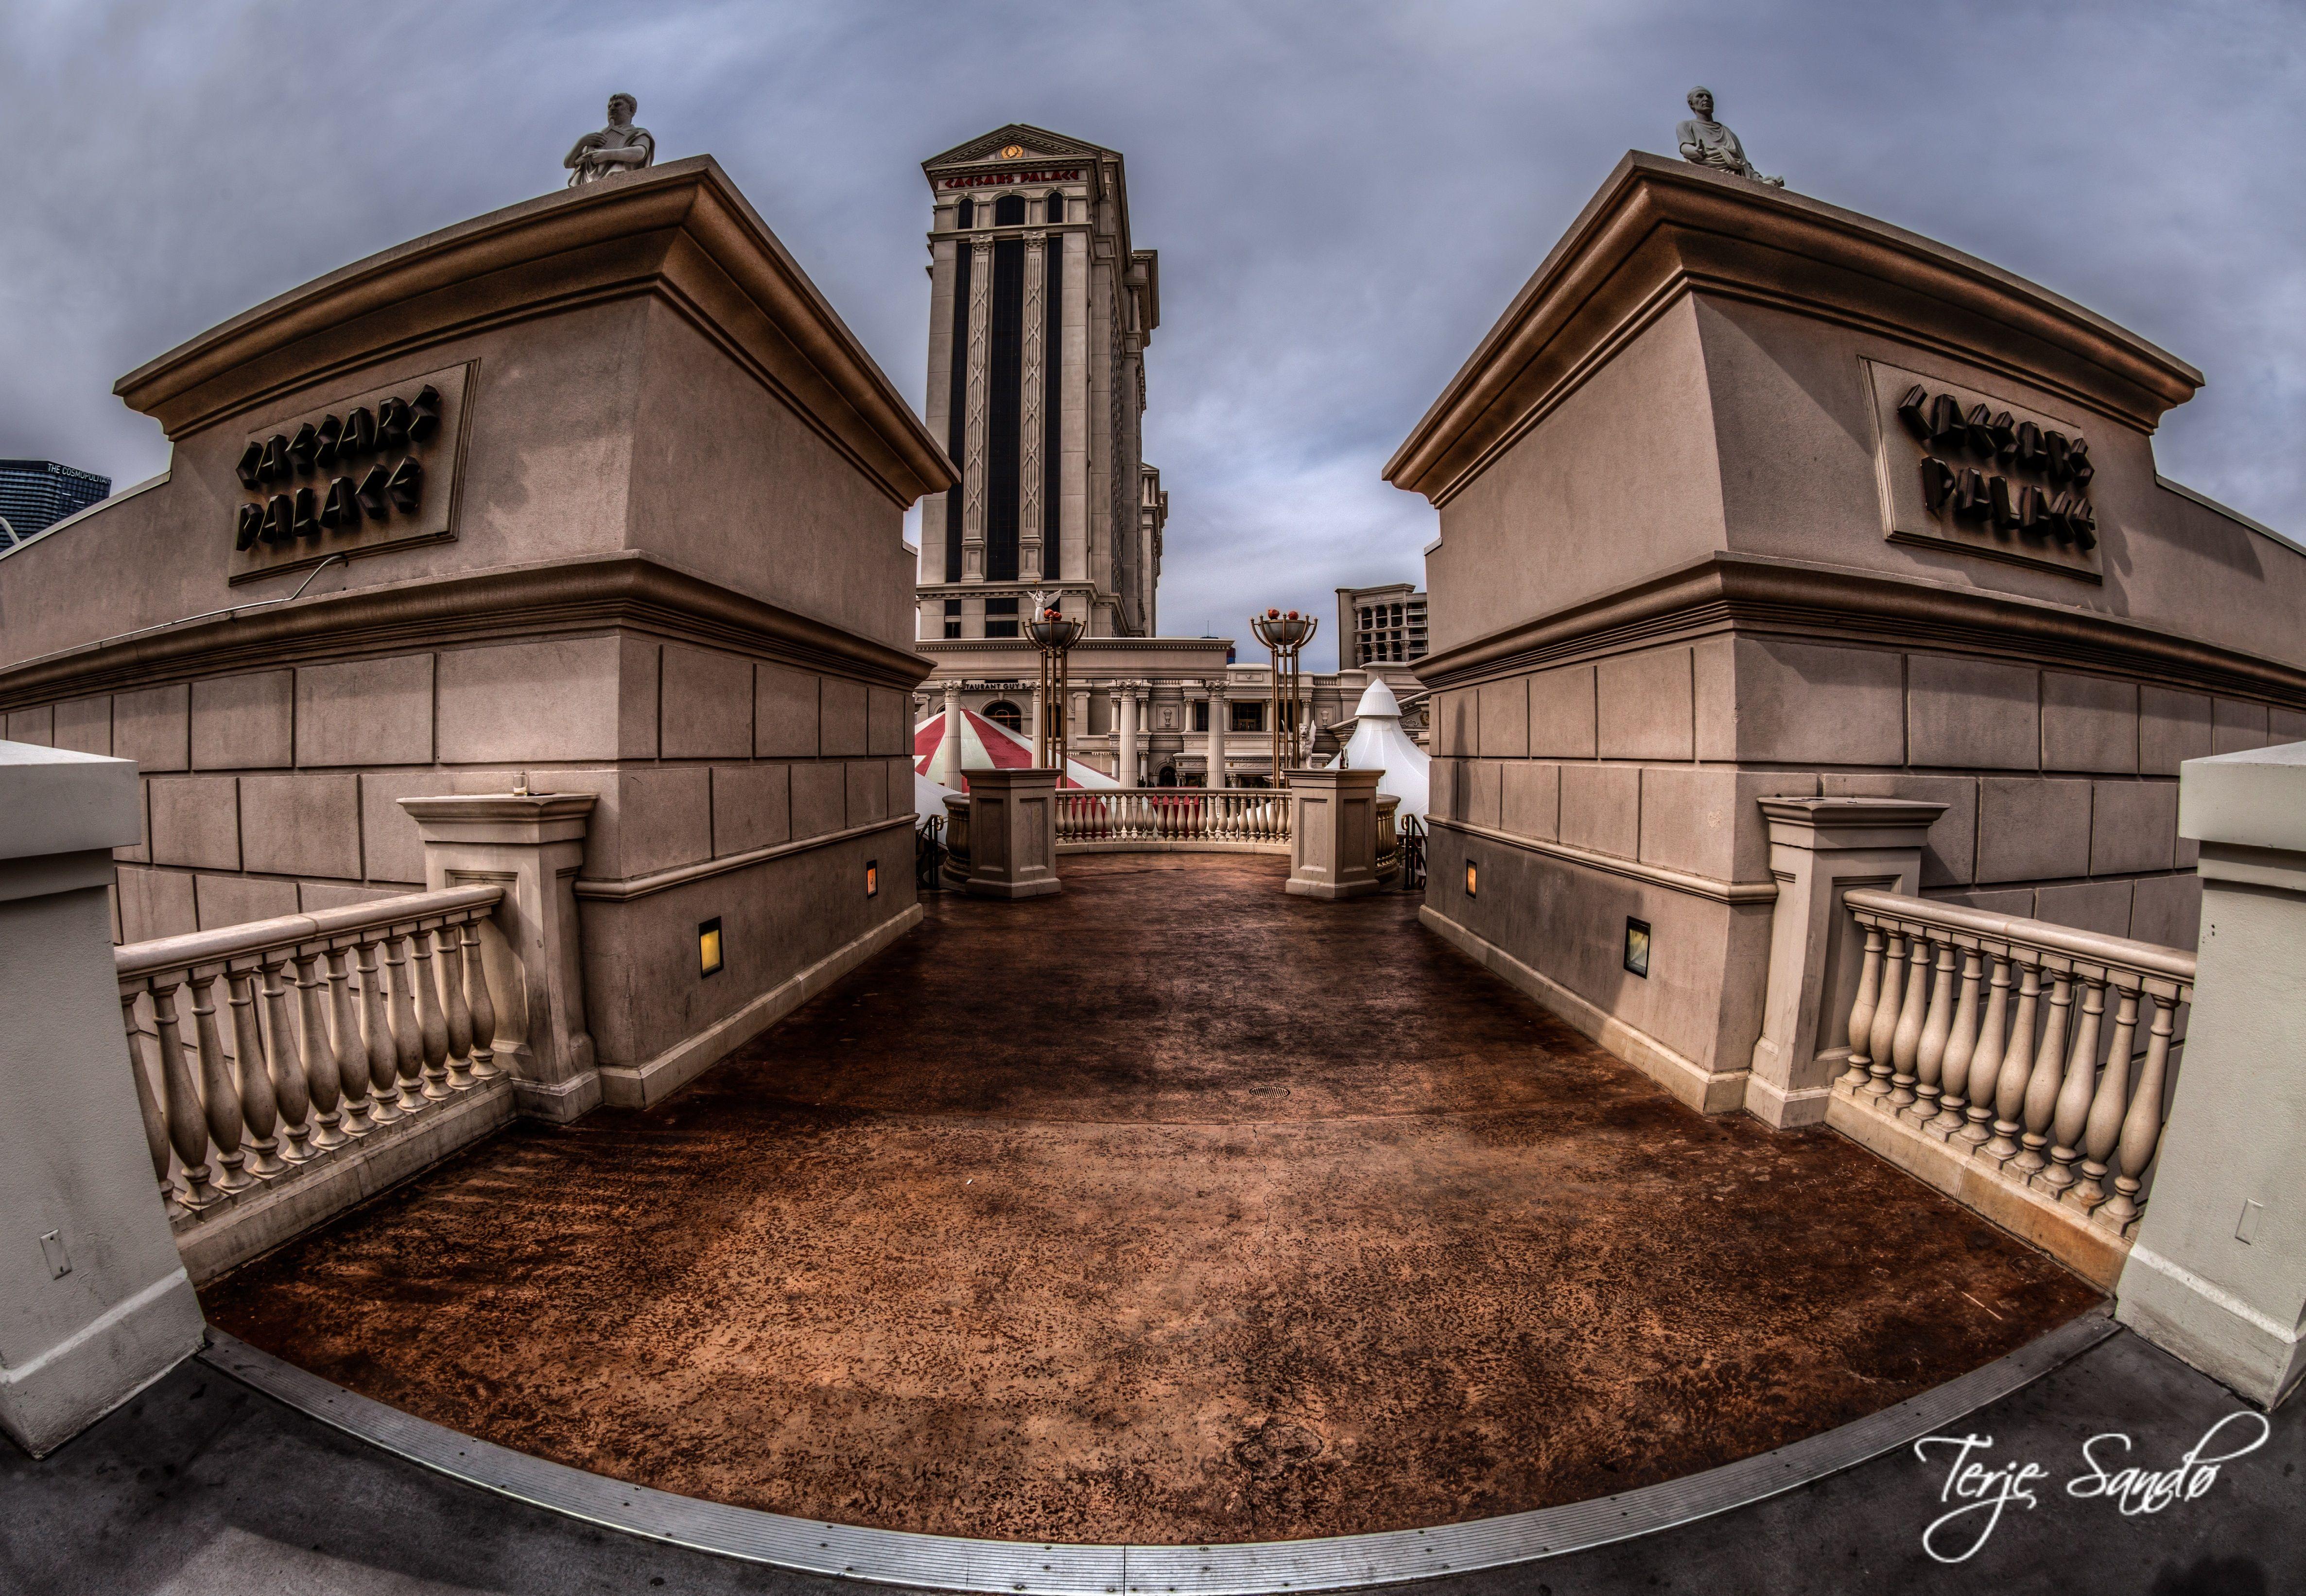 Caesars Palace. www.tjsfoto.com